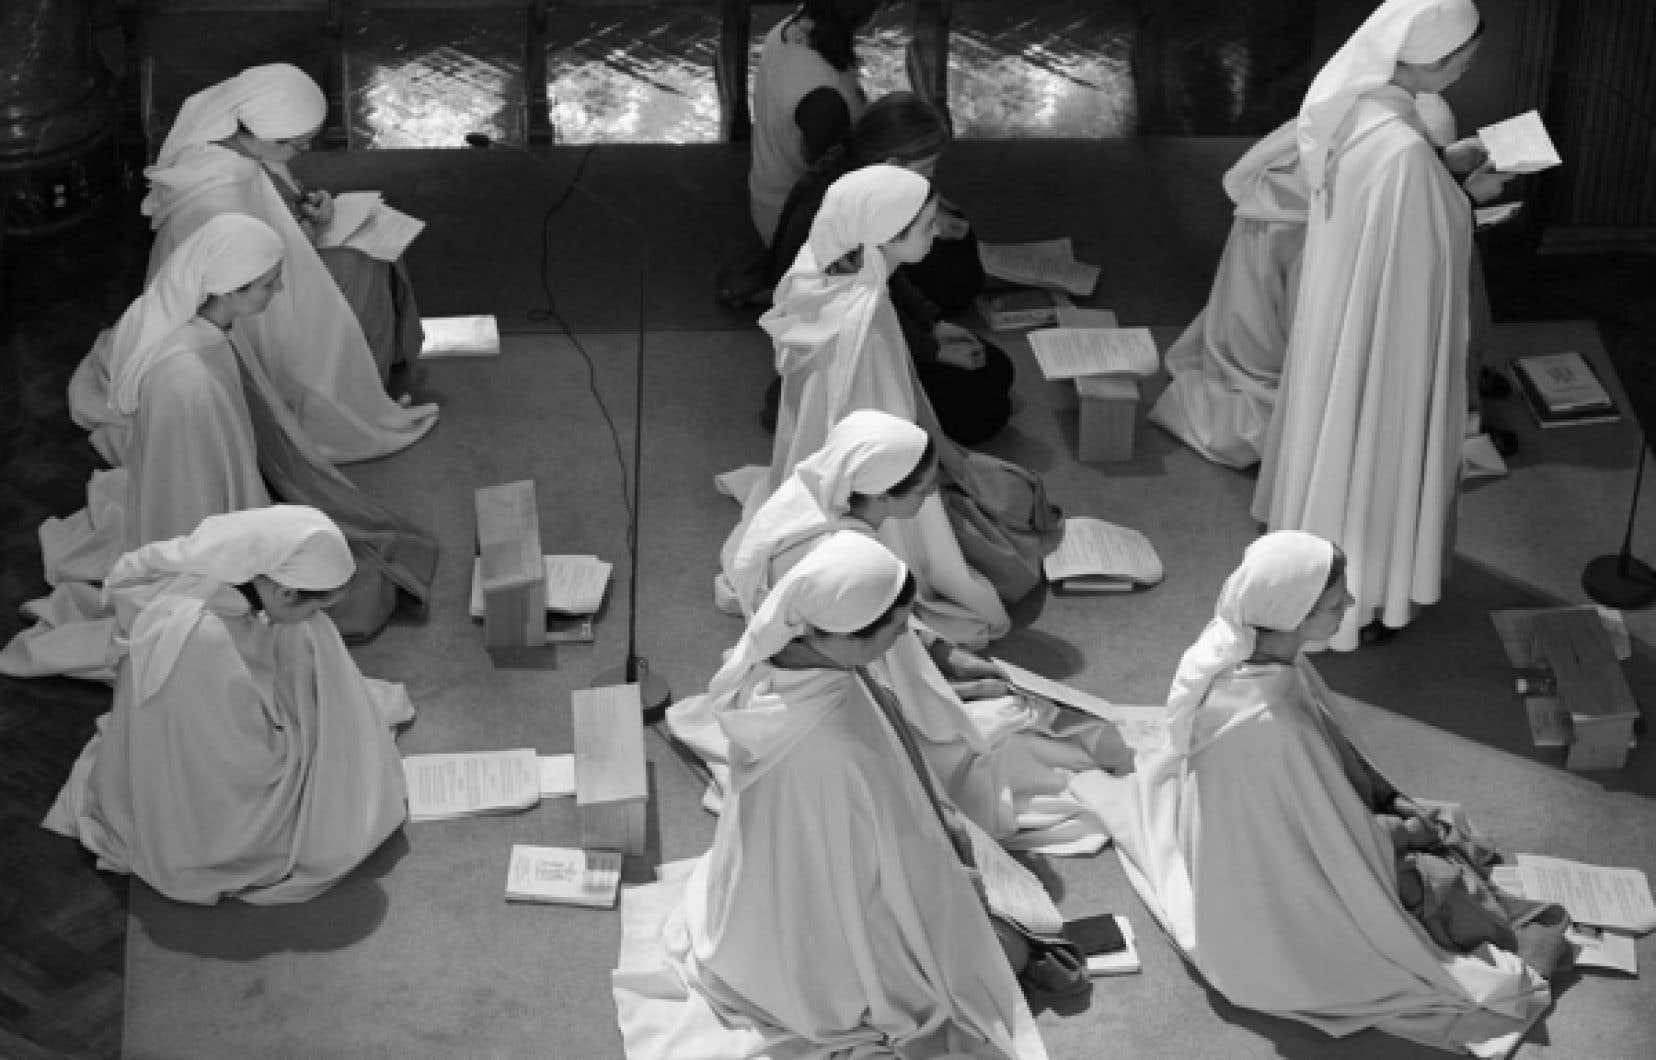 Depuis le début des années 1980, environ 25 communautés sont apparues ou se sont implantées au Québec, dont la fraternité de Jérusalem, près du métro Mont-Royal, à Montréal.